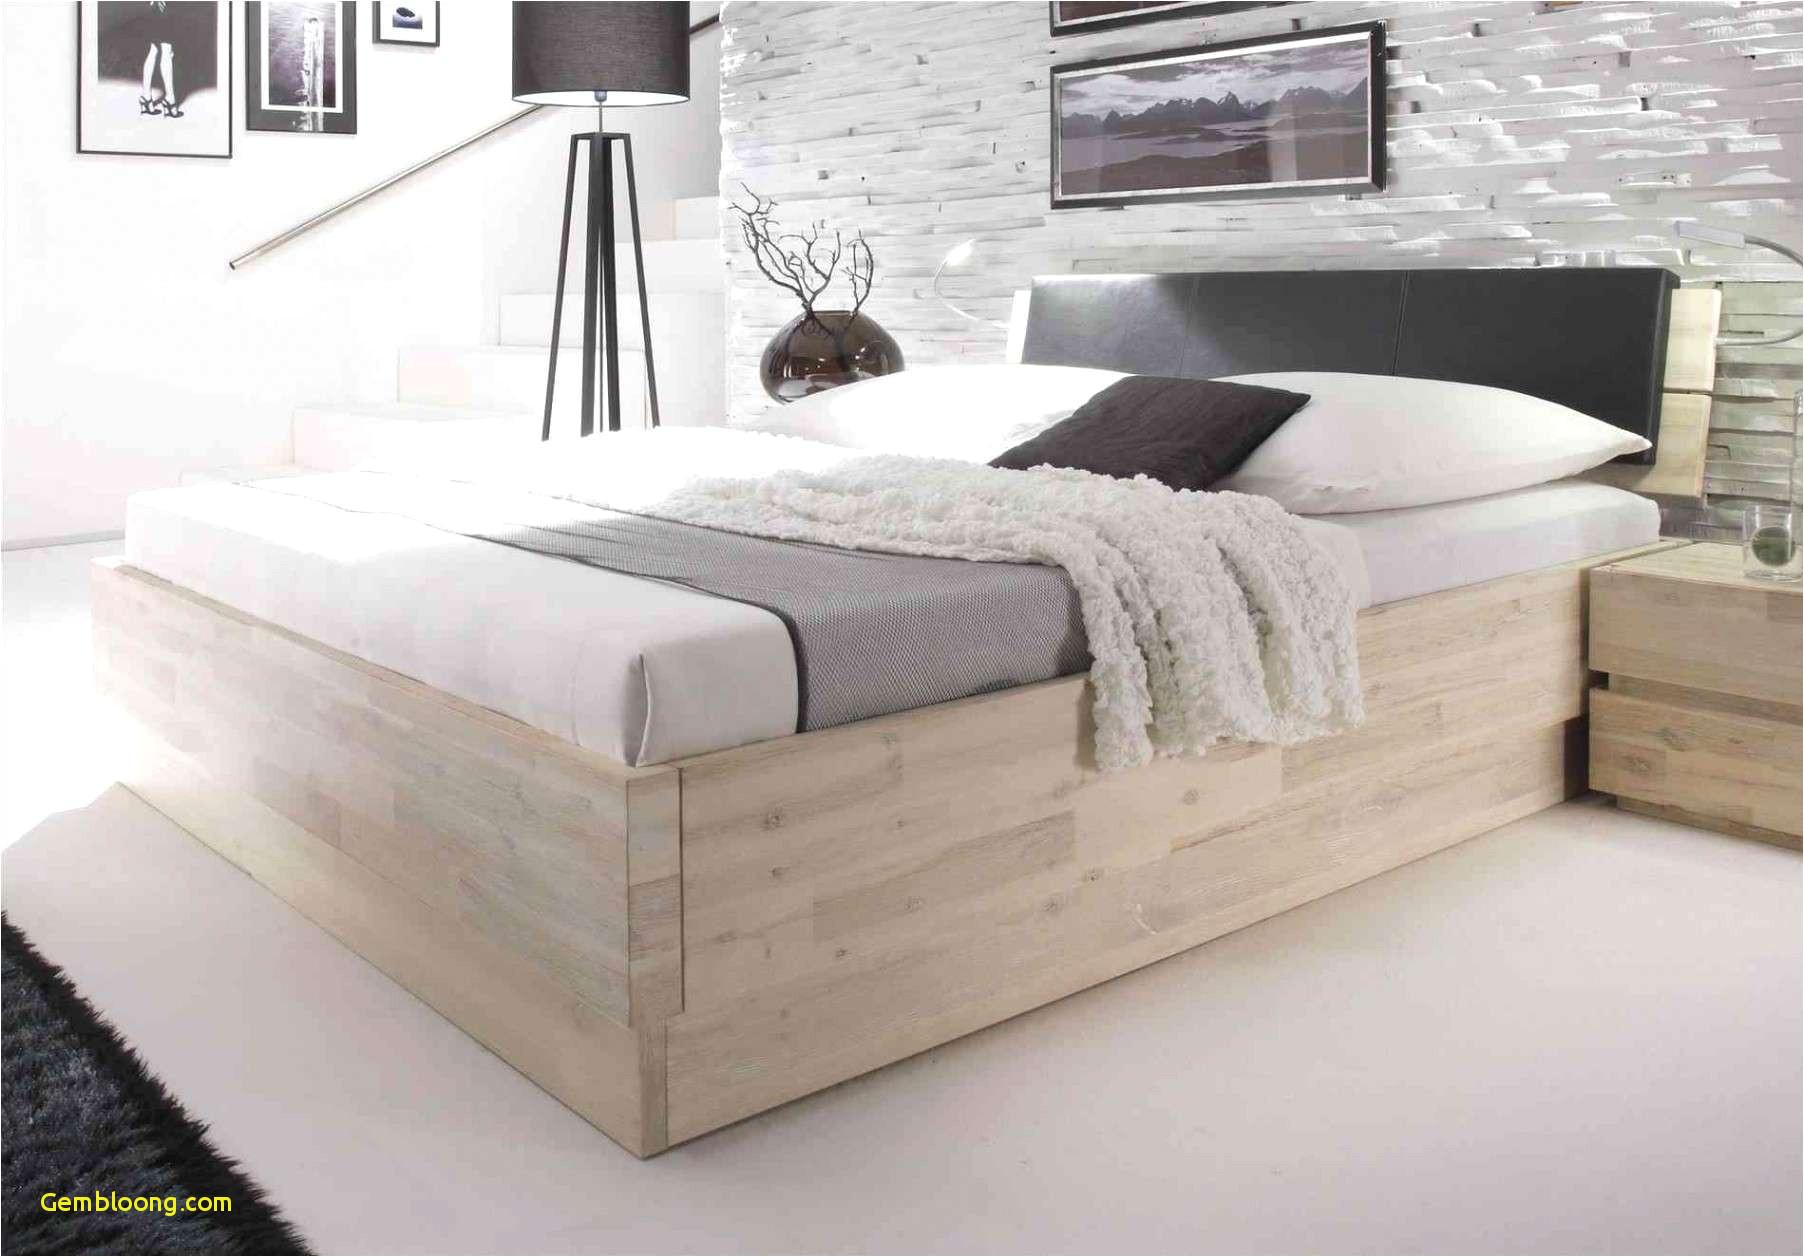 bed rails for babies lovely doppelbett klappbar frisch 120 cm bett elegant hohere betten 0d 20 lovely king size bed in cm